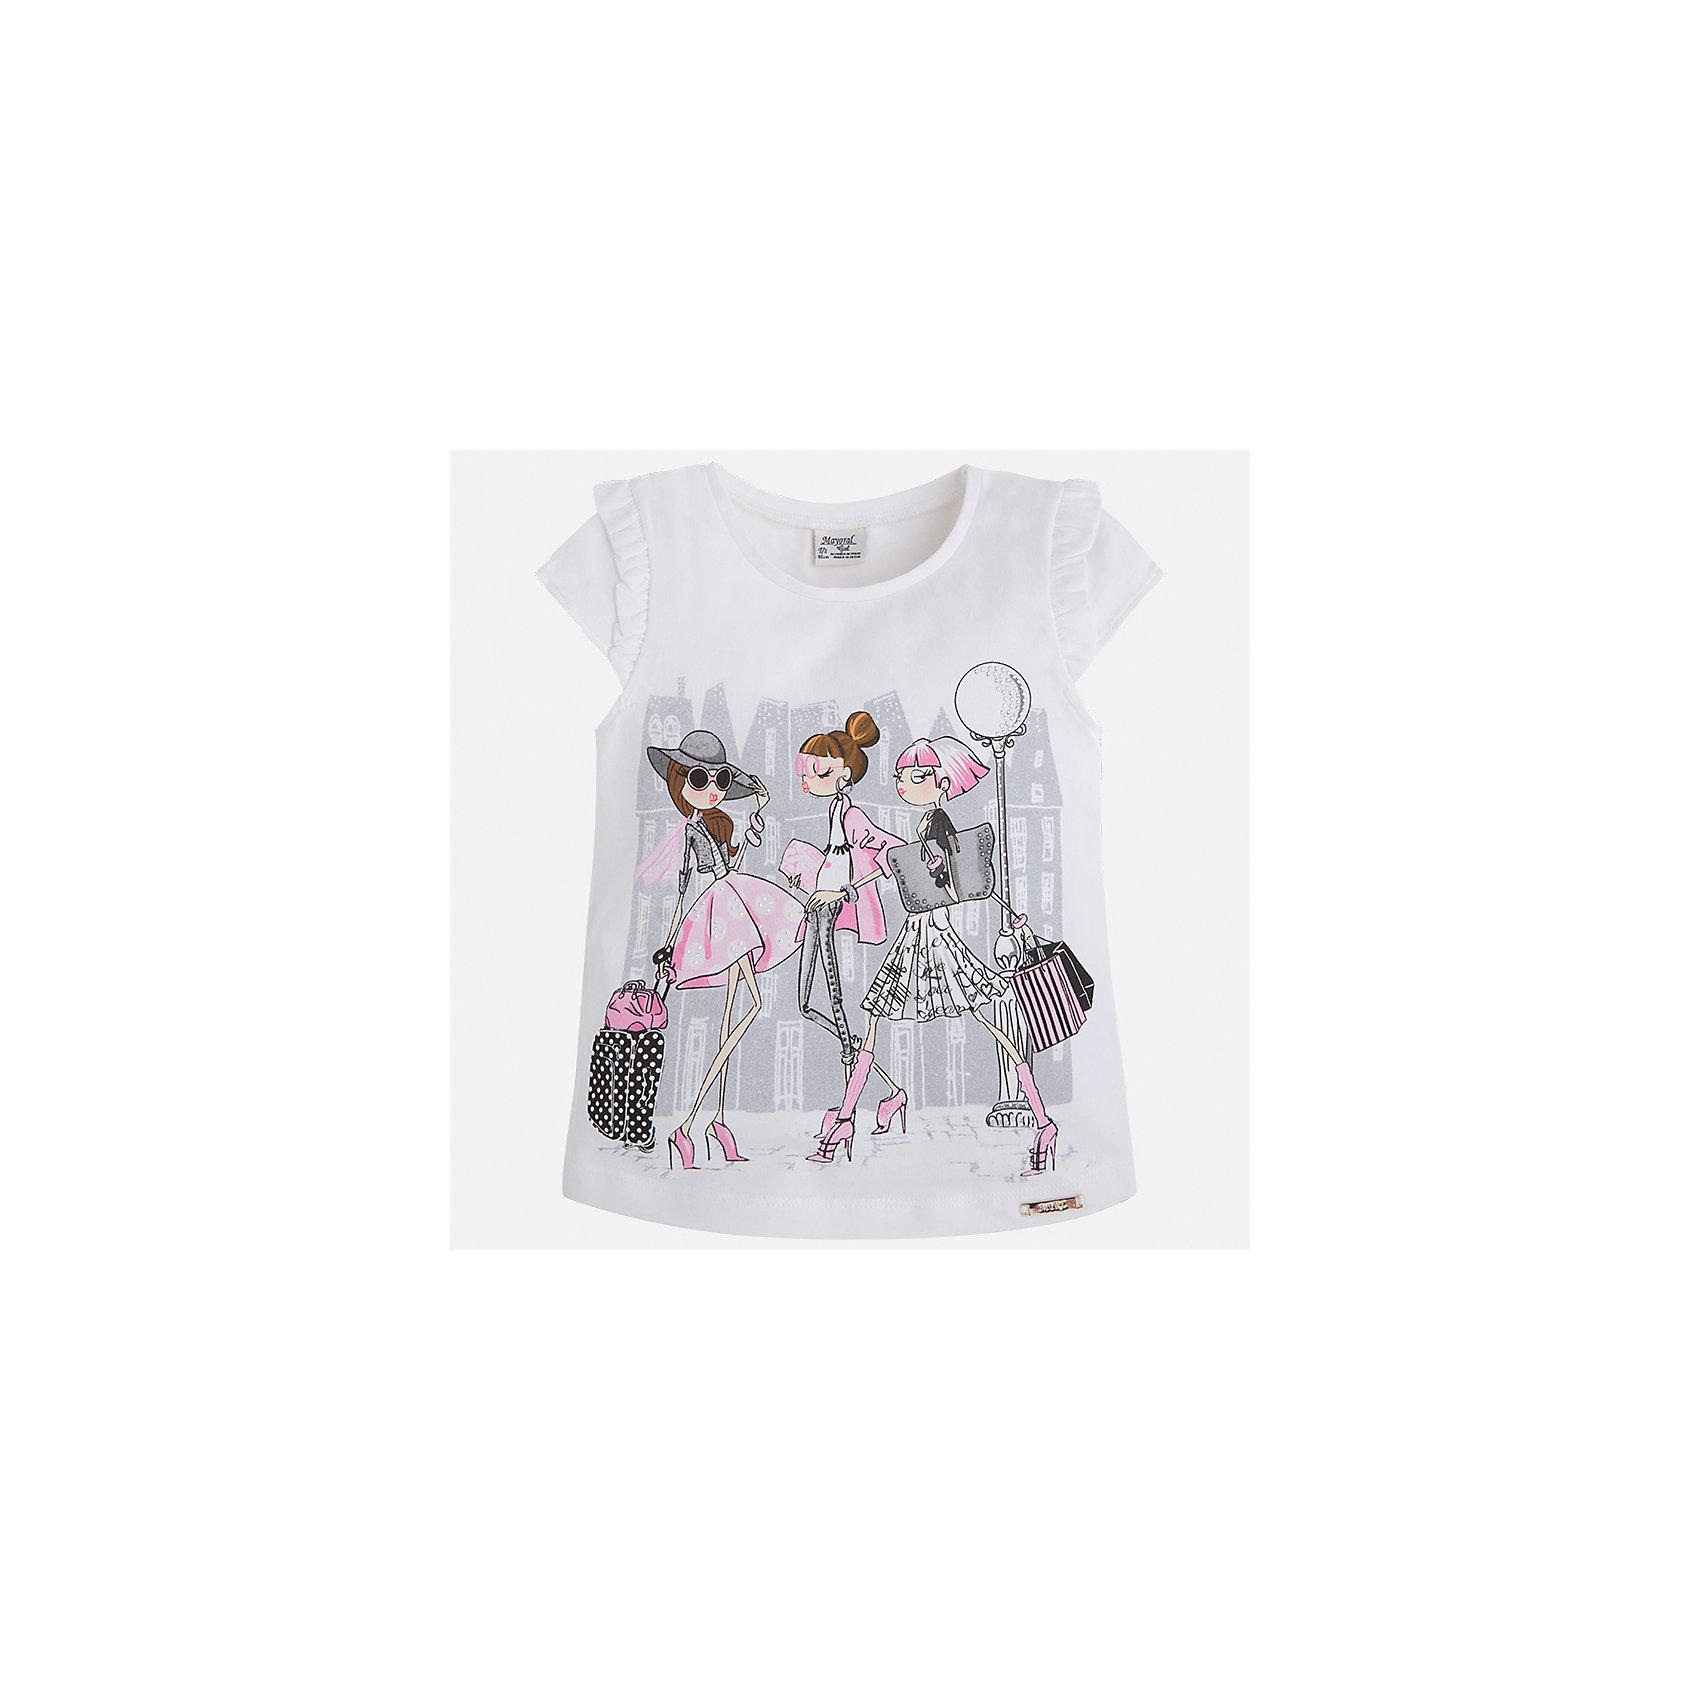 Футболка для девочки MayoralФутболки, поло и топы<br>Характеристики товара:<br><br>• цвет: белый<br>• состав: 92% хлопок, 8% эластан<br>• оборки на рукавах<br>• принт<br>• короткие рукава<br>• округлый горловой вырез<br>• страна бренда: Испания<br><br>Стильная качественная футболка для девочки поможет разнообразить гардероб ребенка и украсить наряд. Она отлично сочетается и с юбками, и с шортами, и с брюками. Универсальный цвет позволяет подобрать к вещи низ практически любой расцветки. Интересная отделка модели делает её нарядной и оригинальной. В составе ткани преобладает натуральный хлопок, гипоаллергенный, приятный на ощупь, дышащий.<br><br>Одежда, обувь и аксессуары от испанского бренда Mayoral полюбились детям и взрослым по всему миру. Модели этой марки - стильные и удобные. Для их производства используются только безопасные, качественные материалы и фурнитура. Порадуйте ребенка модными и красивыми вещами от Mayoral! <br><br>Футболку для девочки от испанского бренда Mayoral (Майорал) можно купить в нашем интернет-магазине.<br><br>Ширина мм: 199<br>Глубина мм: 10<br>Высота мм: 161<br>Вес г: 151<br>Цвет: лиловый<br>Возраст от месяцев: 96<br>Возраст до месяцев: 108<br>Пол: Женский<br>Возраст: Детский<br>Размер: 134,92,98,104,110,116,122,128<br>SKU: 5289289